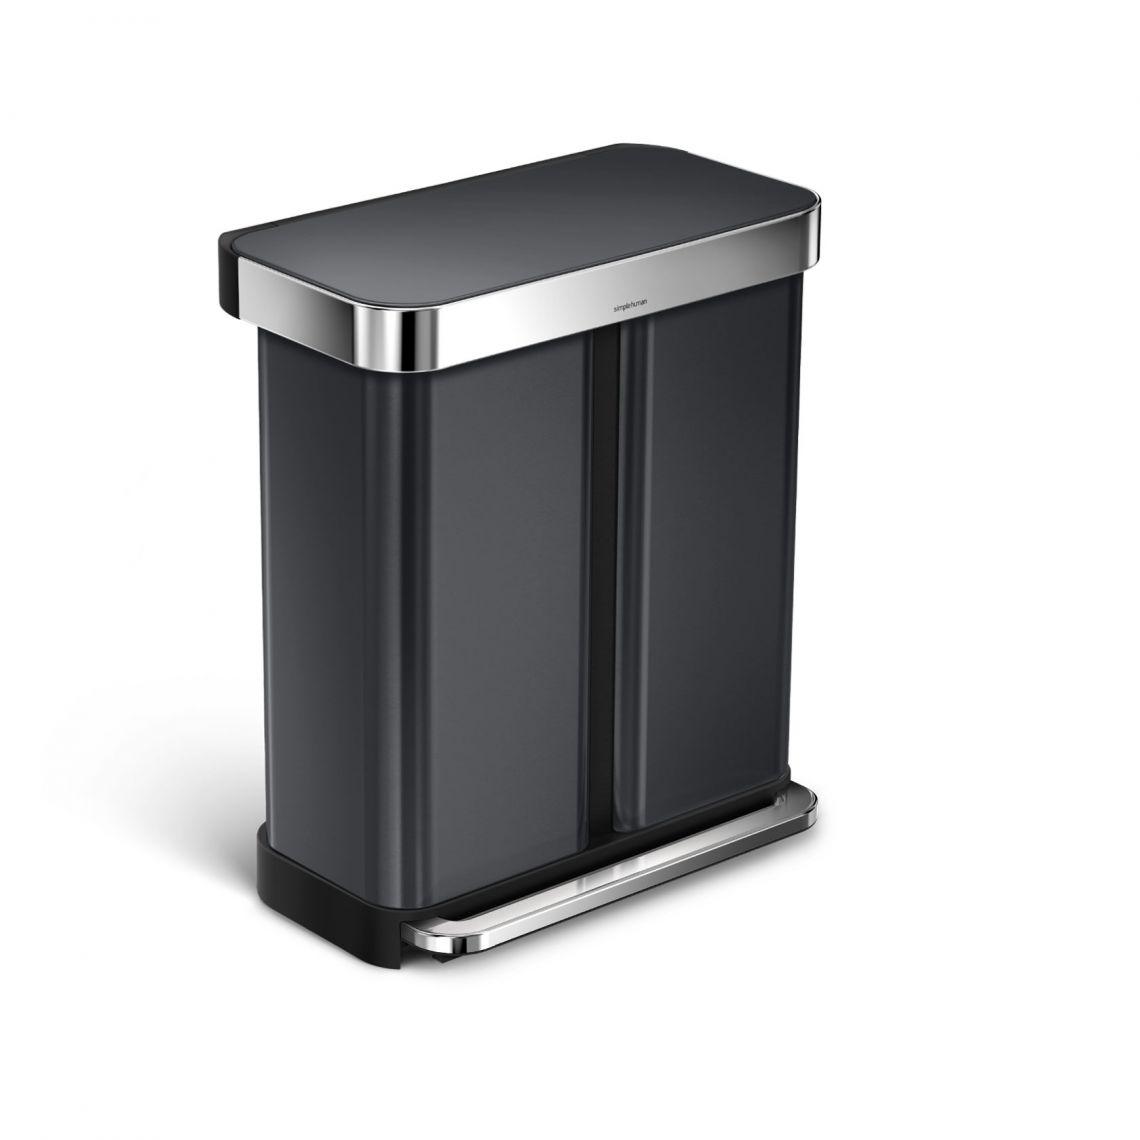 Pedálový odpadkový koš Simplehuman na tříděný odpad – 58l, Black